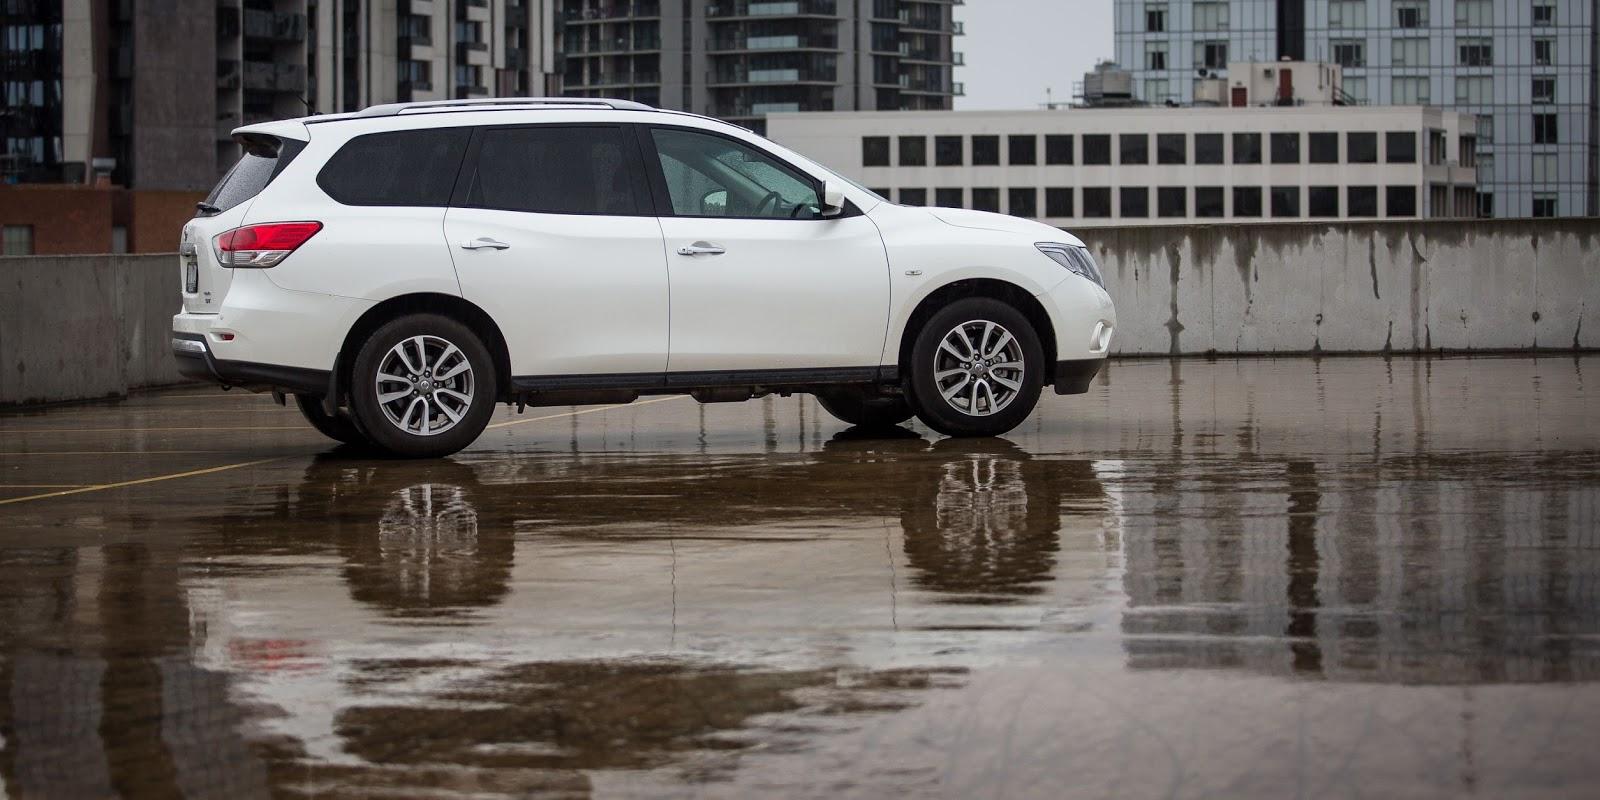 Khả năng vận hành của xe rất tốt, an toàn và tiết kiệm nhiên liệu